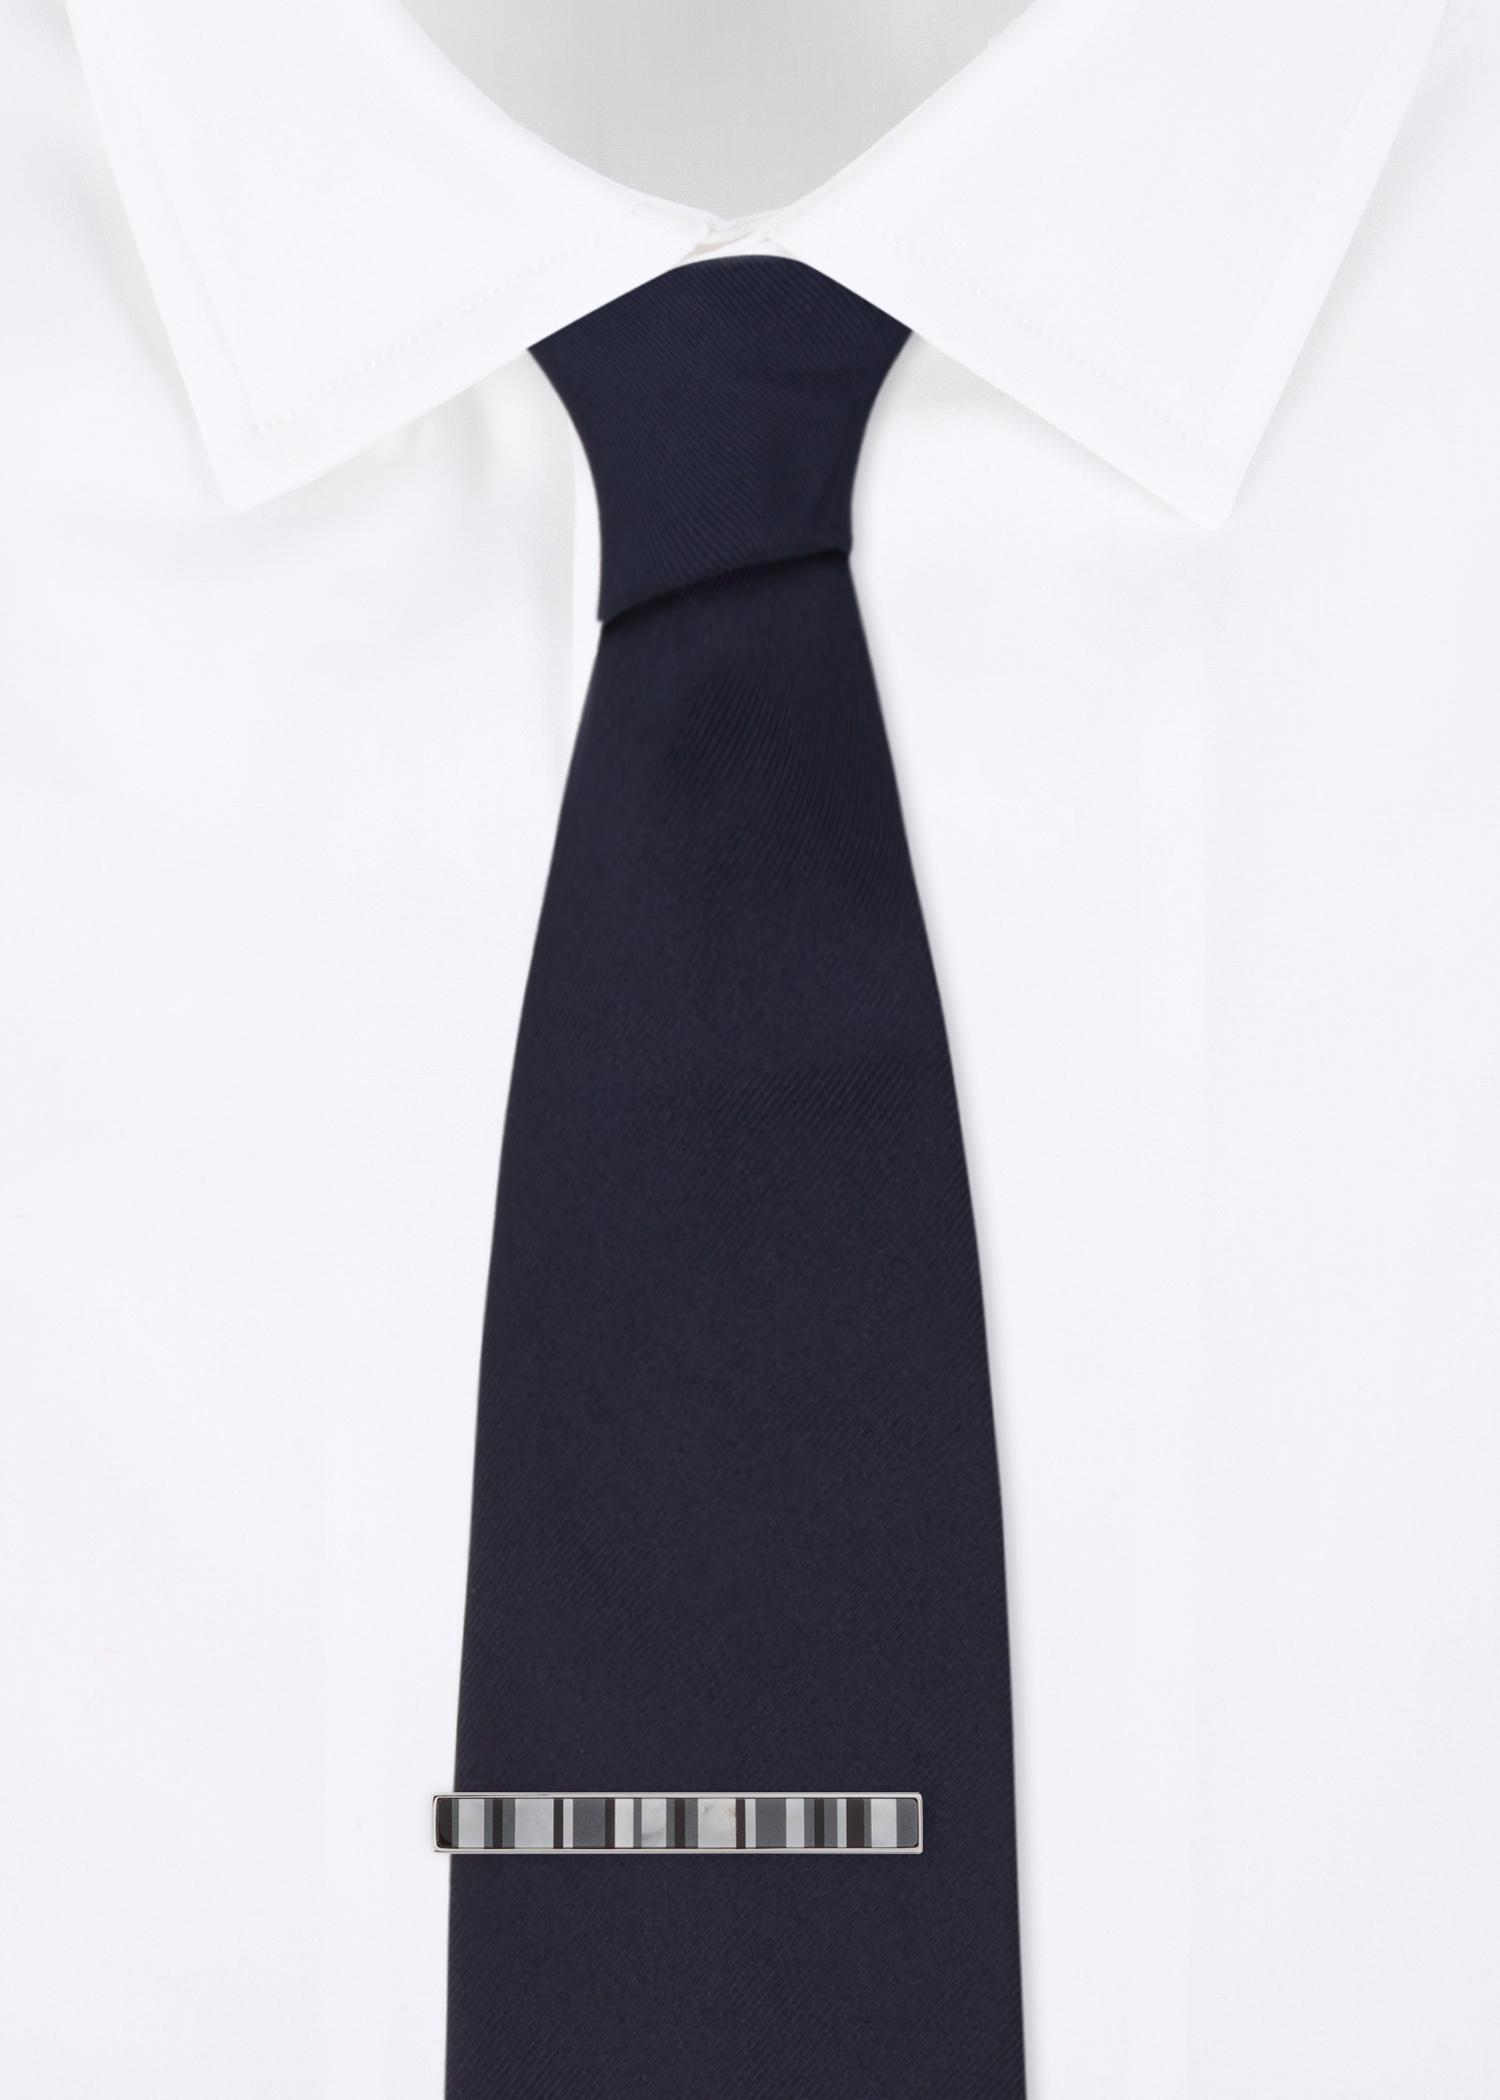 e6ea1ce75907 Men's Black Stripe Mother-Of-Pearl Tie Clip - Paul Smith US